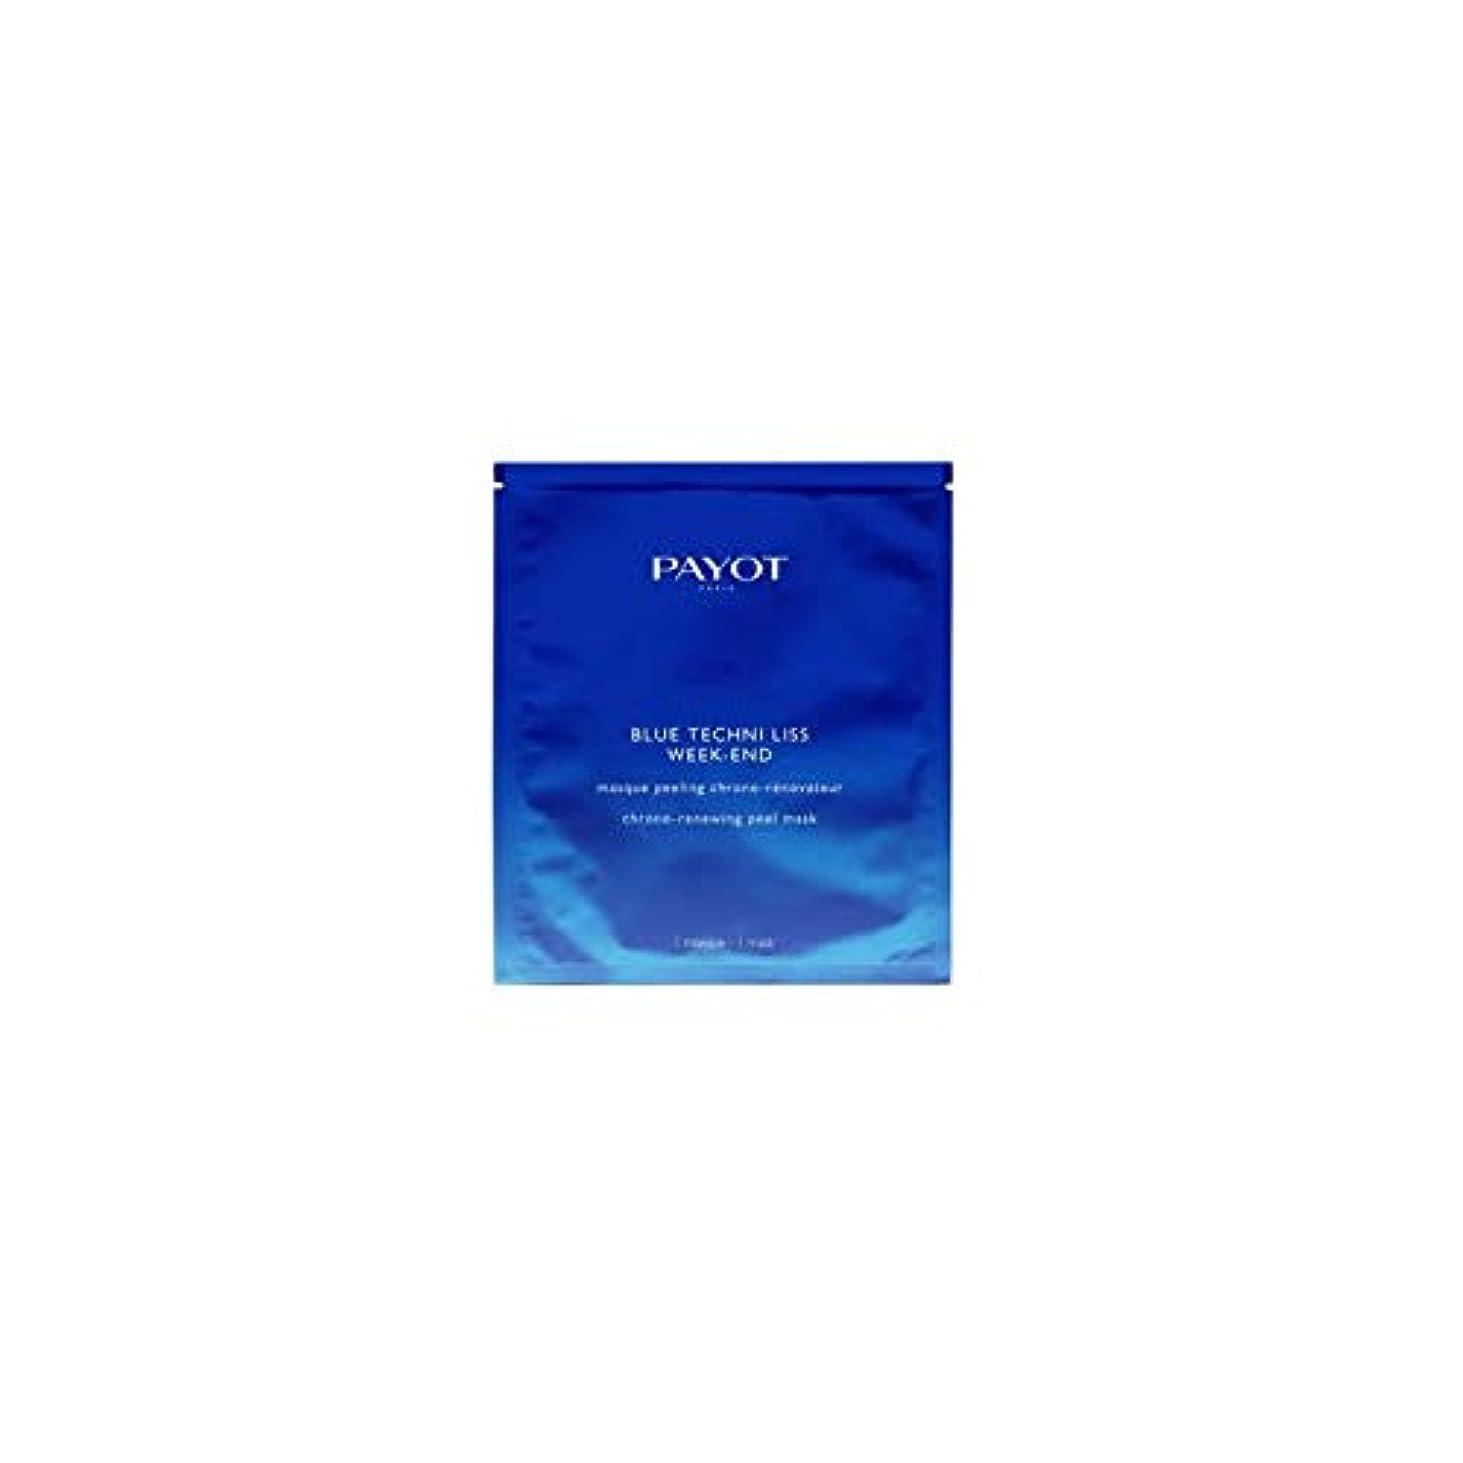 立派な暴行芸術的パイヨ Blue Techni Liss Week-End Chrono-Renewing Peel Mask 10pcs並行輸入品